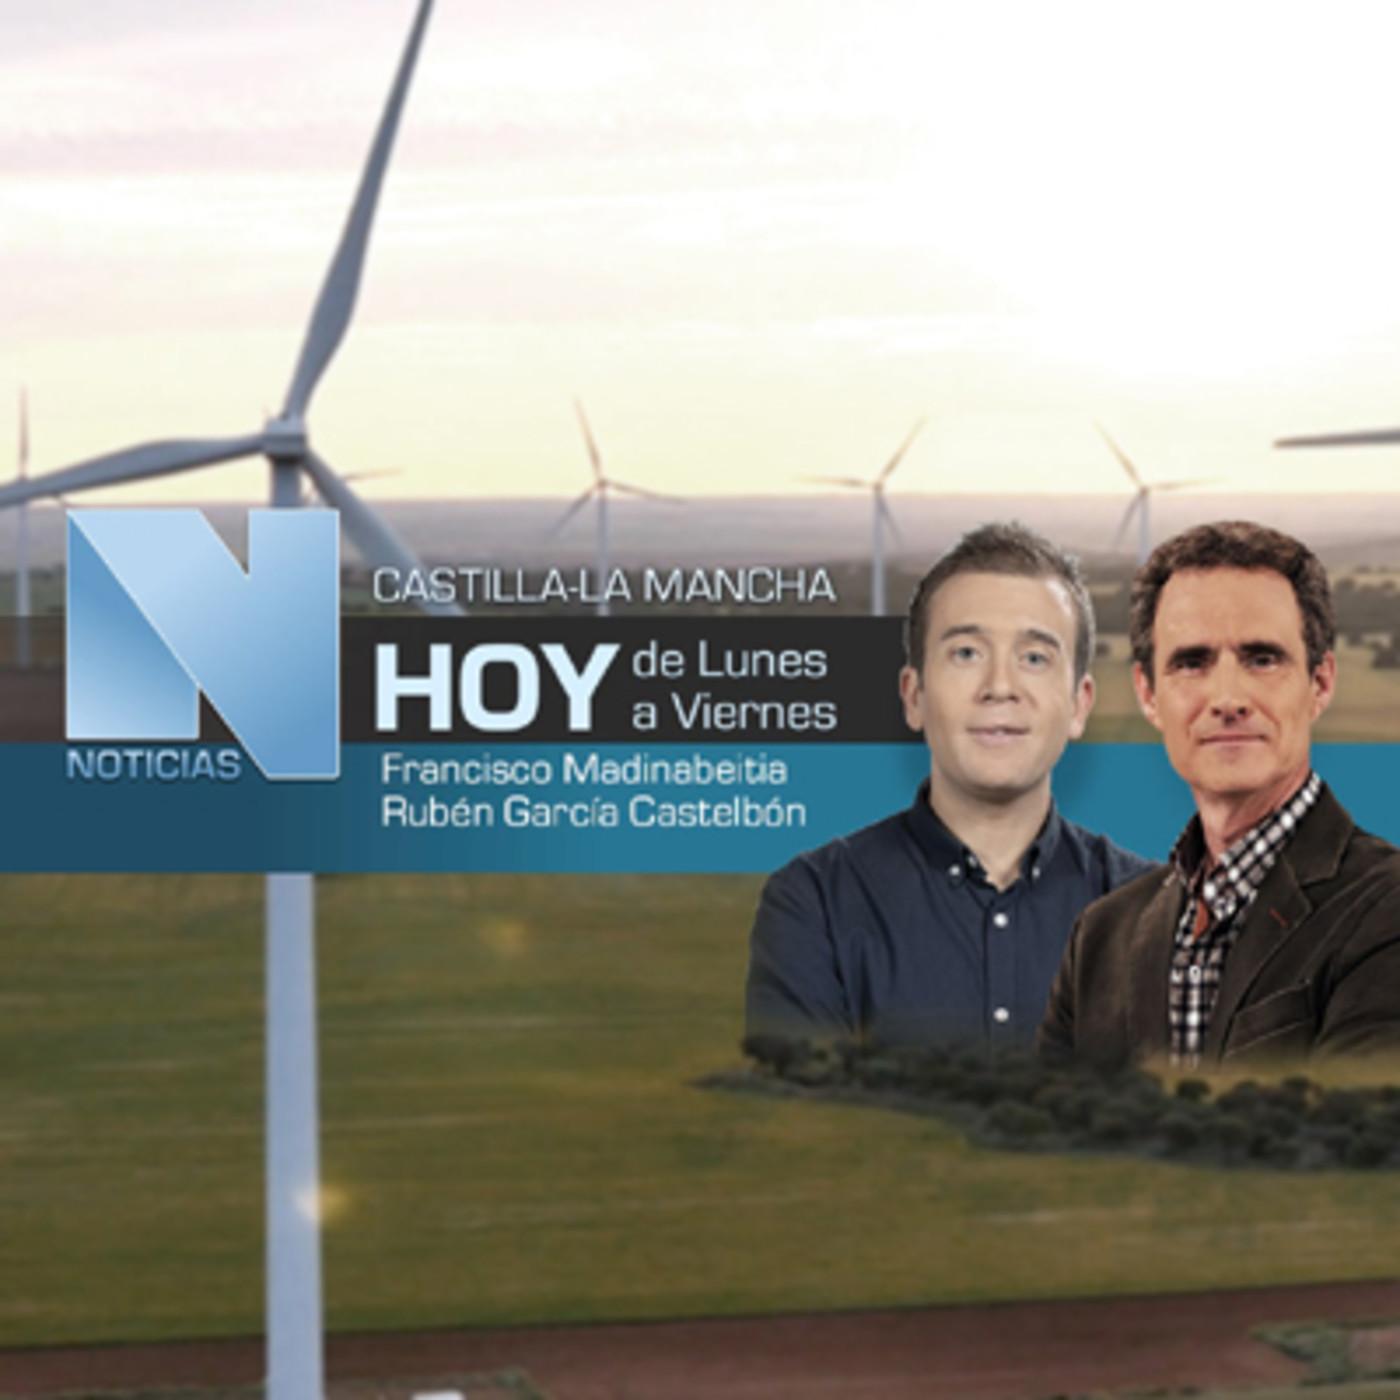 Castilla-La Mancha hoy 17/09/2020 09:00